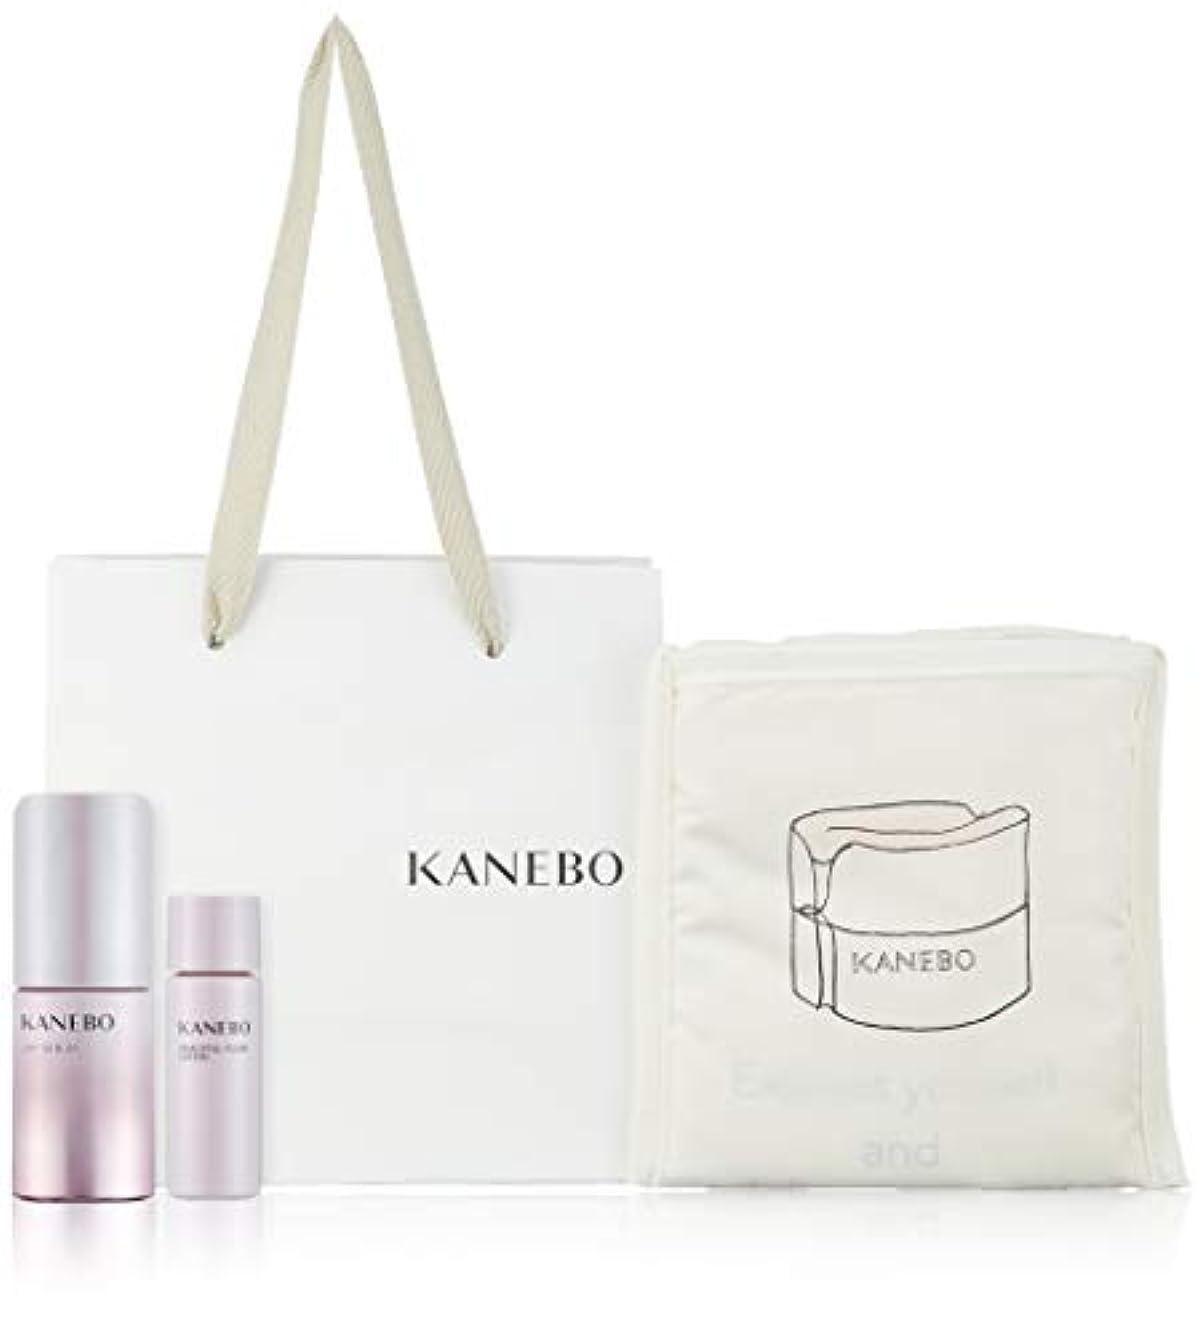 どちらも人質野望【Amazon.co.jp 限定】KANEBO(カネボウ) カネボウ リフト セラム グリーンフローラルブーケの香り 30mlセット 美容液(医薬部外品)